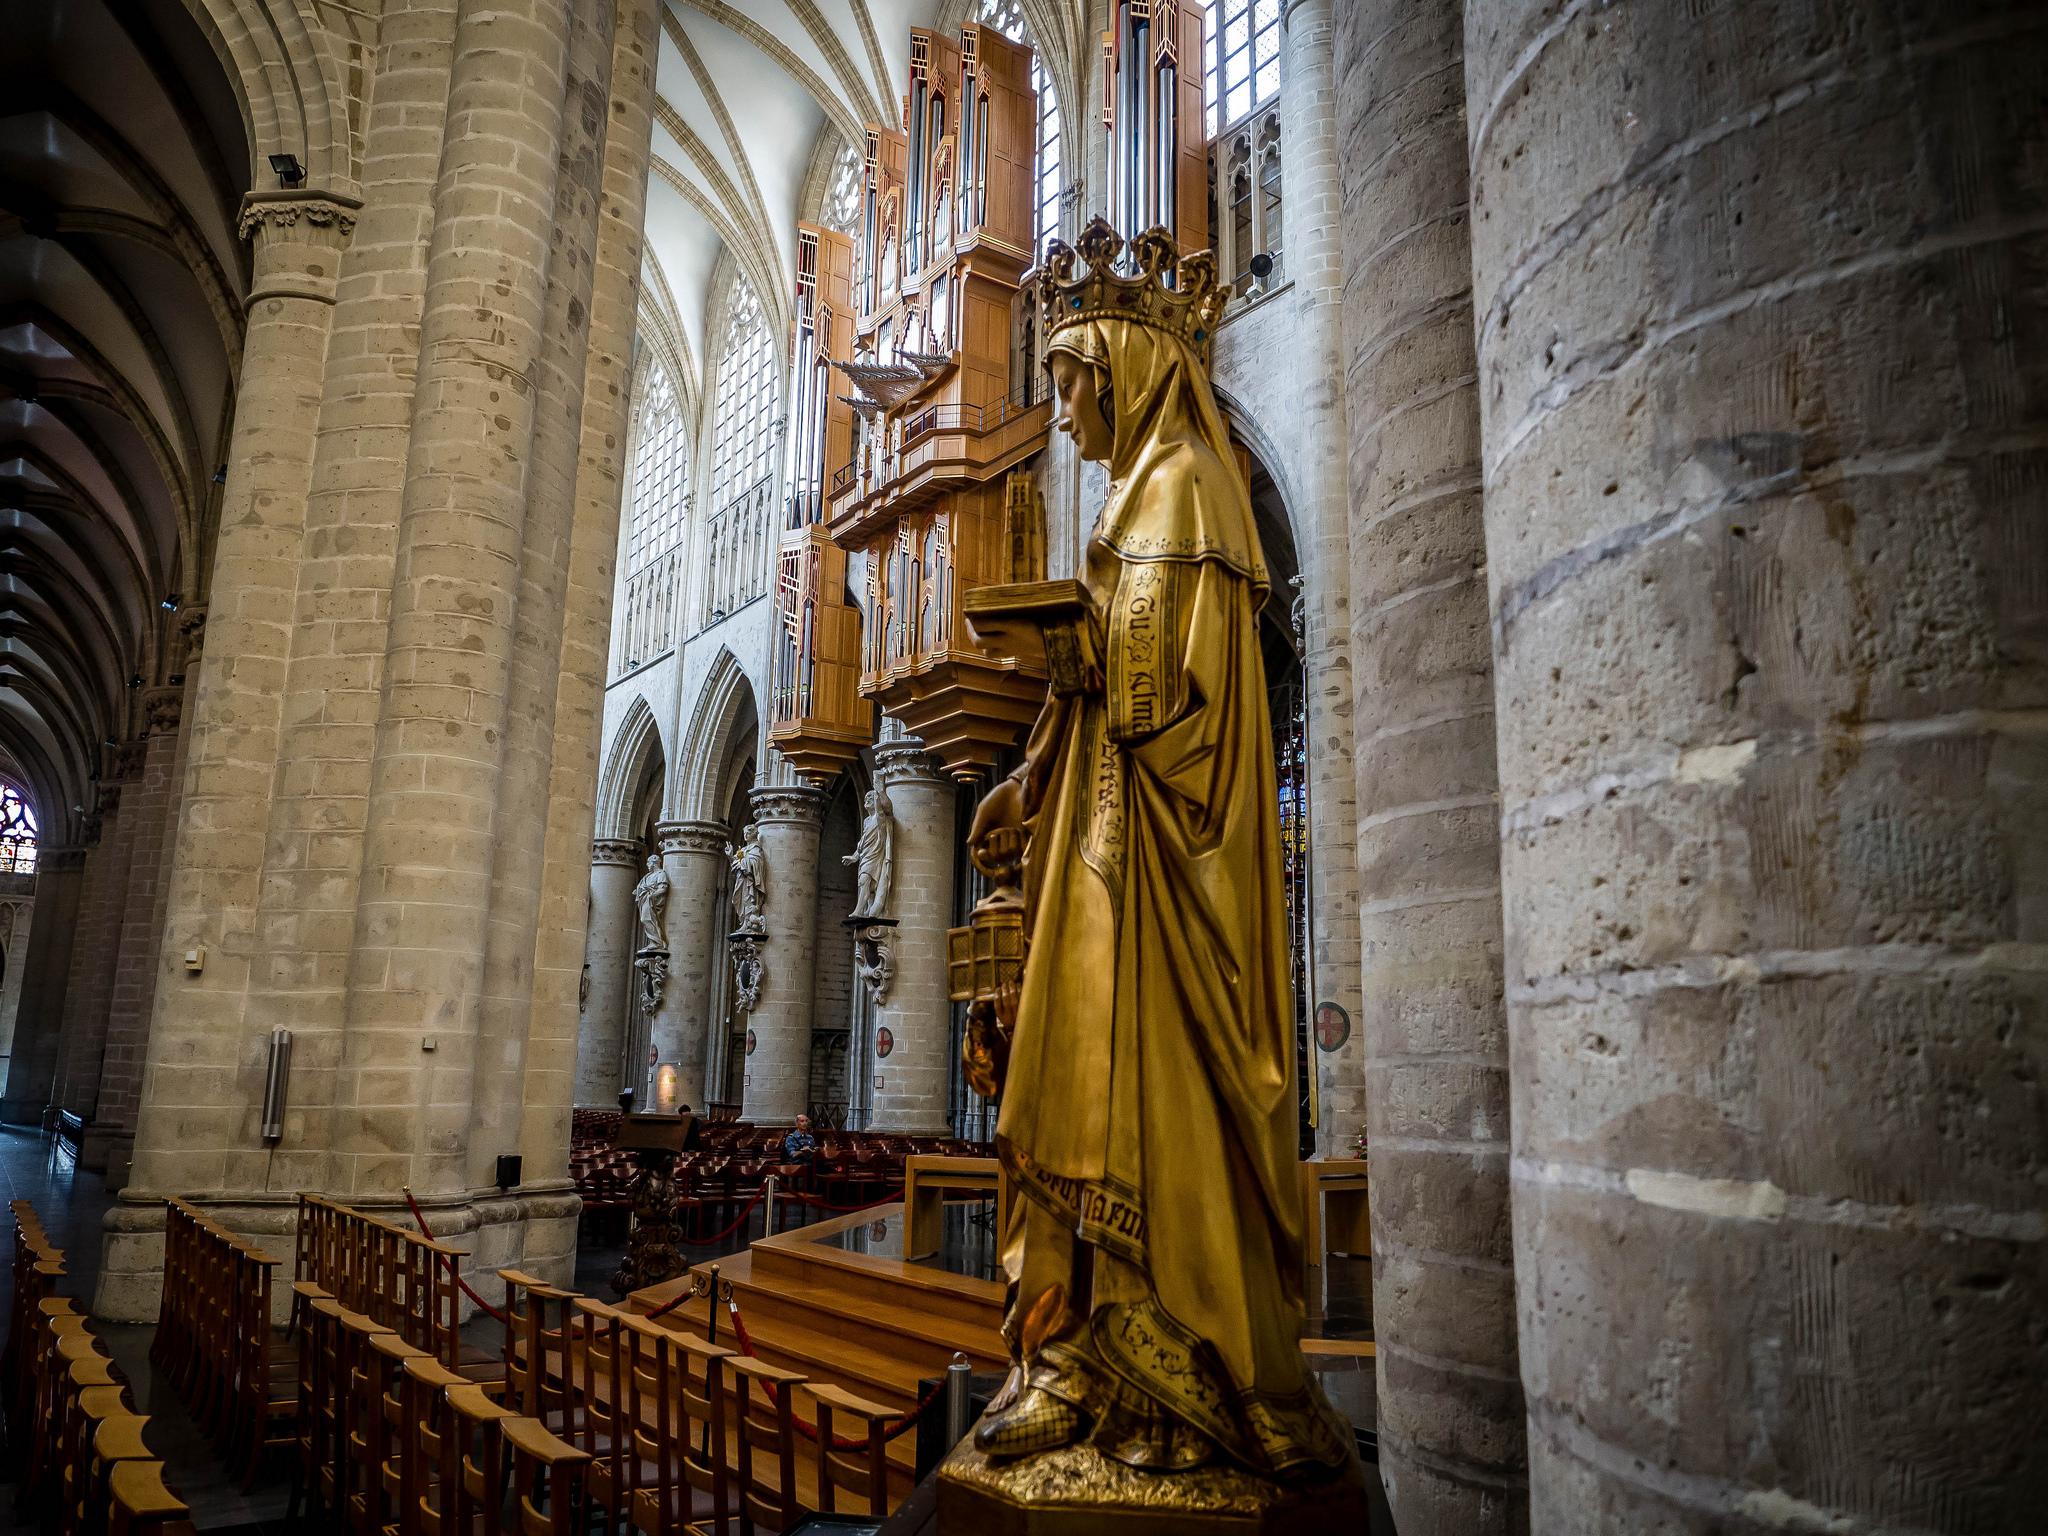 Собор Сен-Мишель-э-Гюдюль, дева Мария и орган